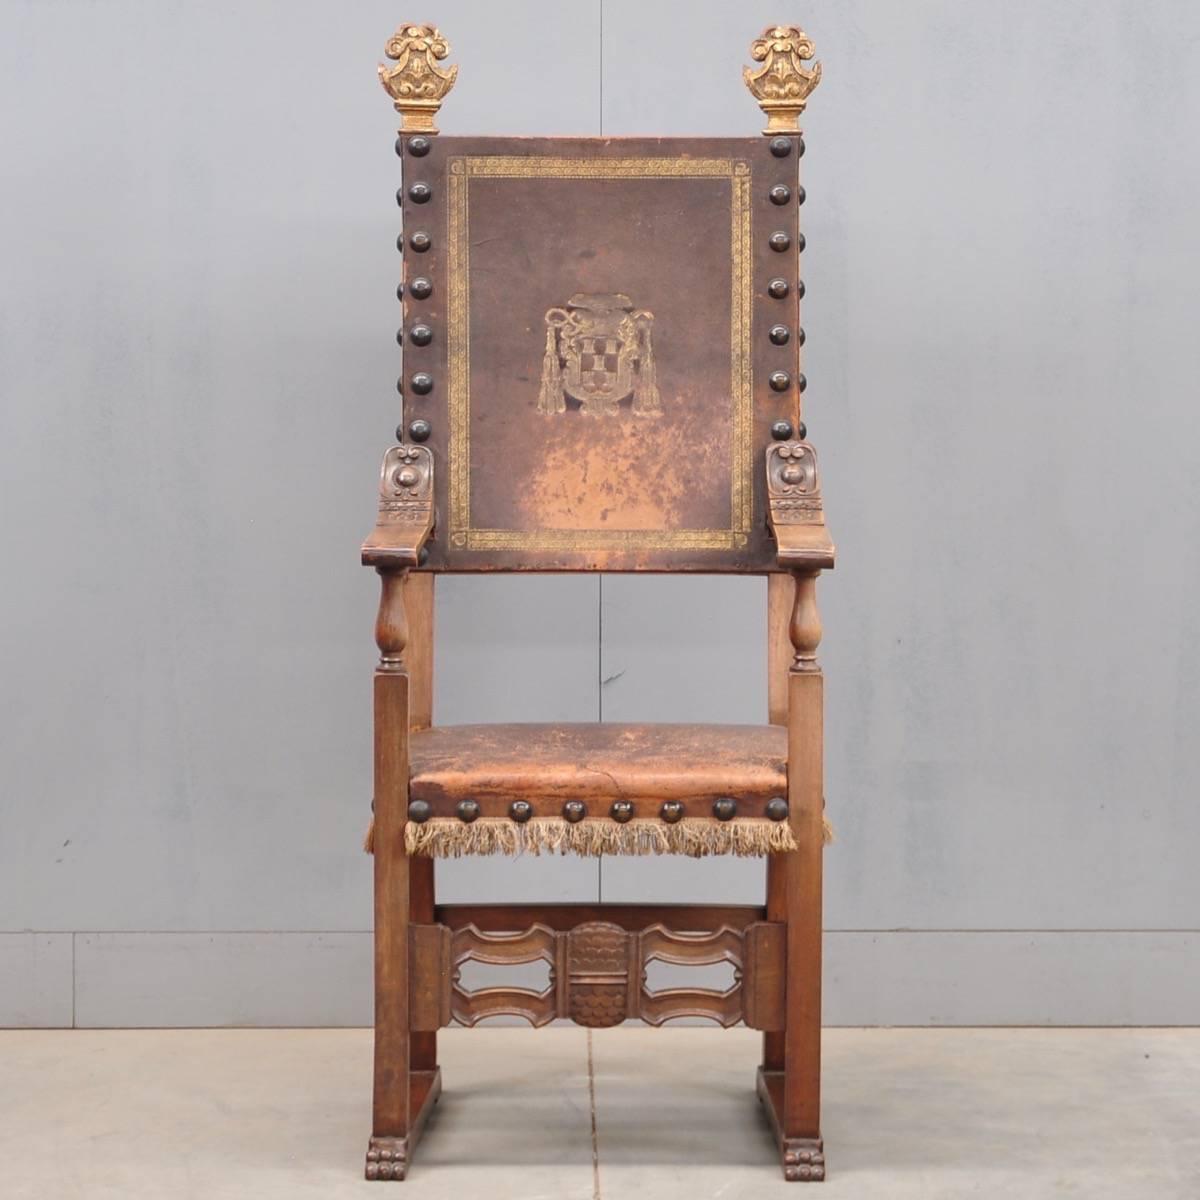 De Grande Antique Furniture